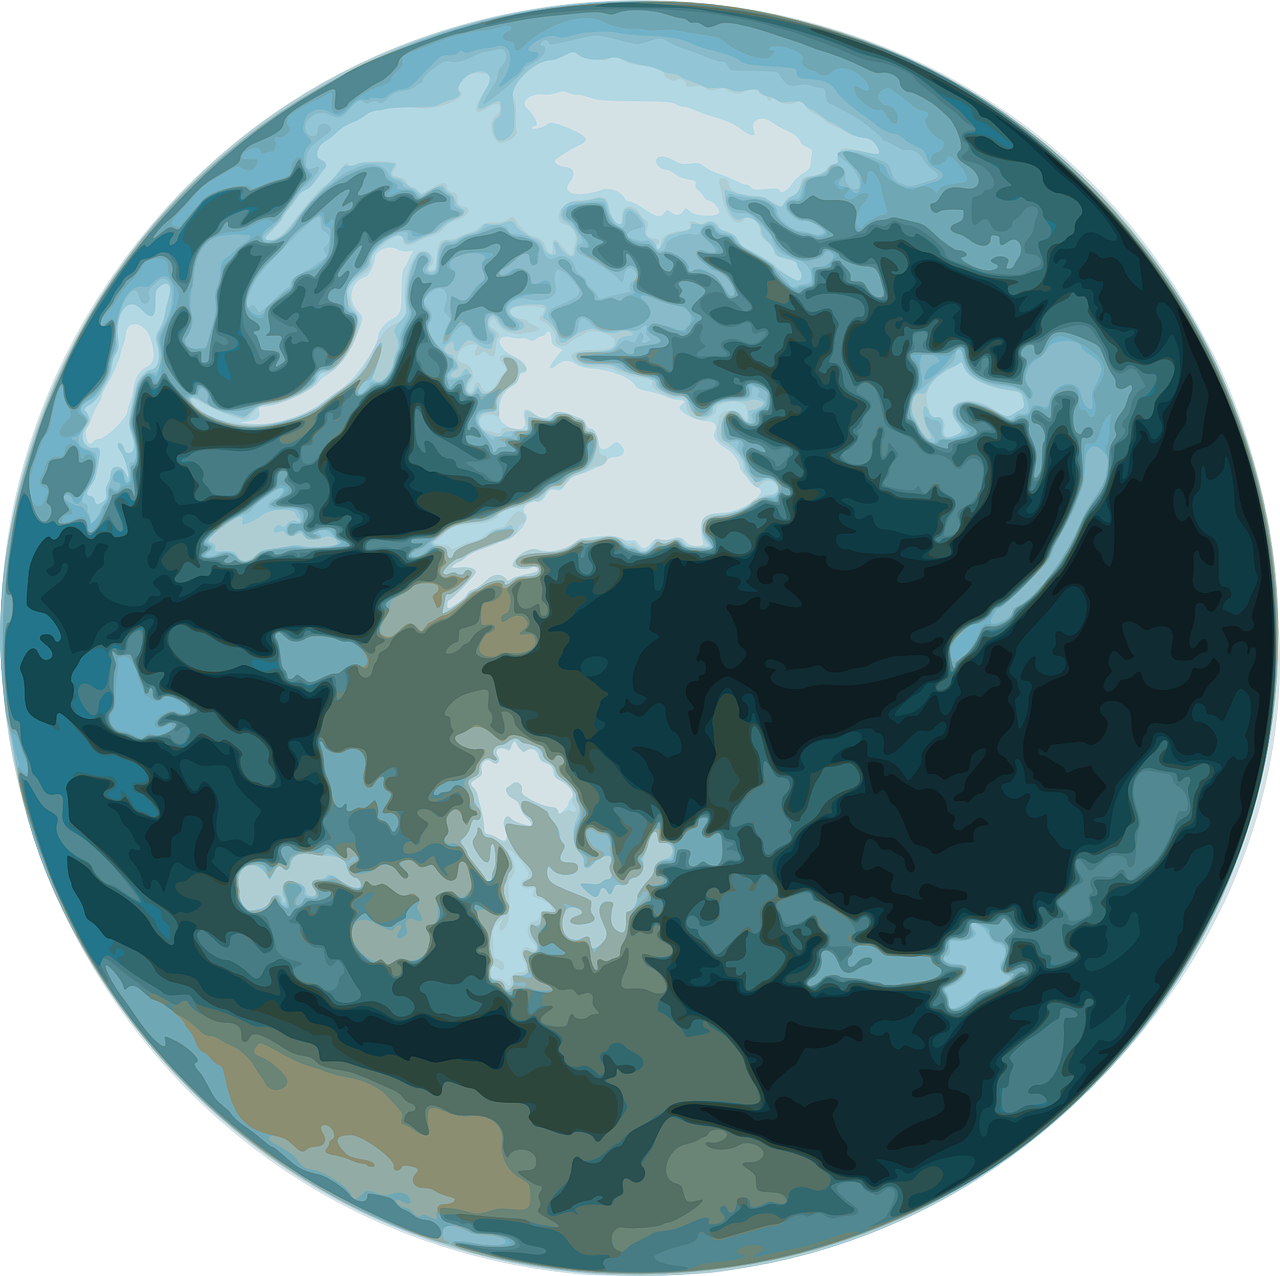 雰囲気 地球 世界 Pixabayの無料ベクター素材